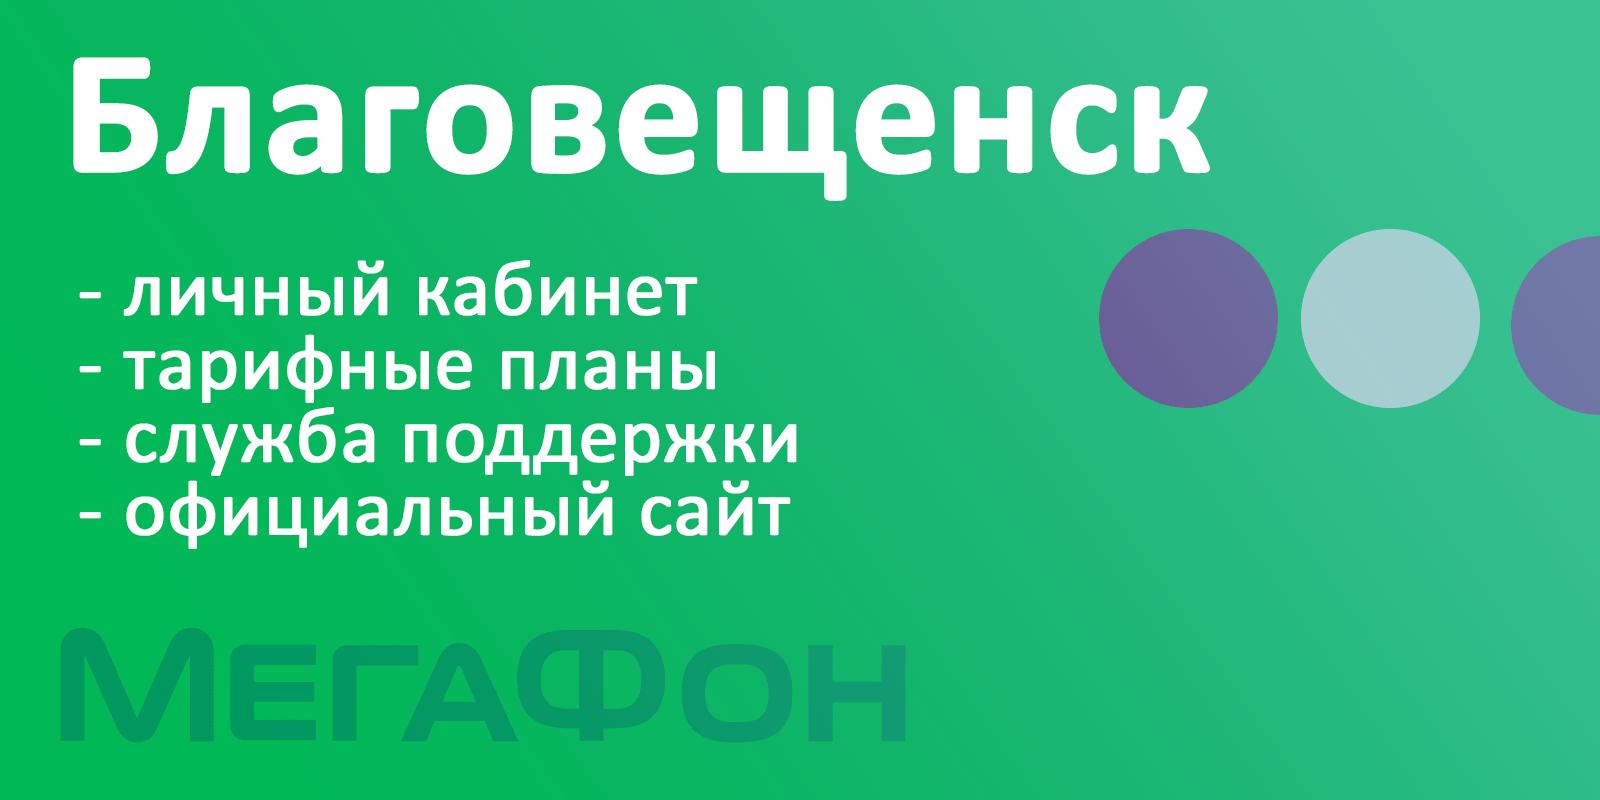 Мегафон Благовещенск, Амурская область - официальный сайт